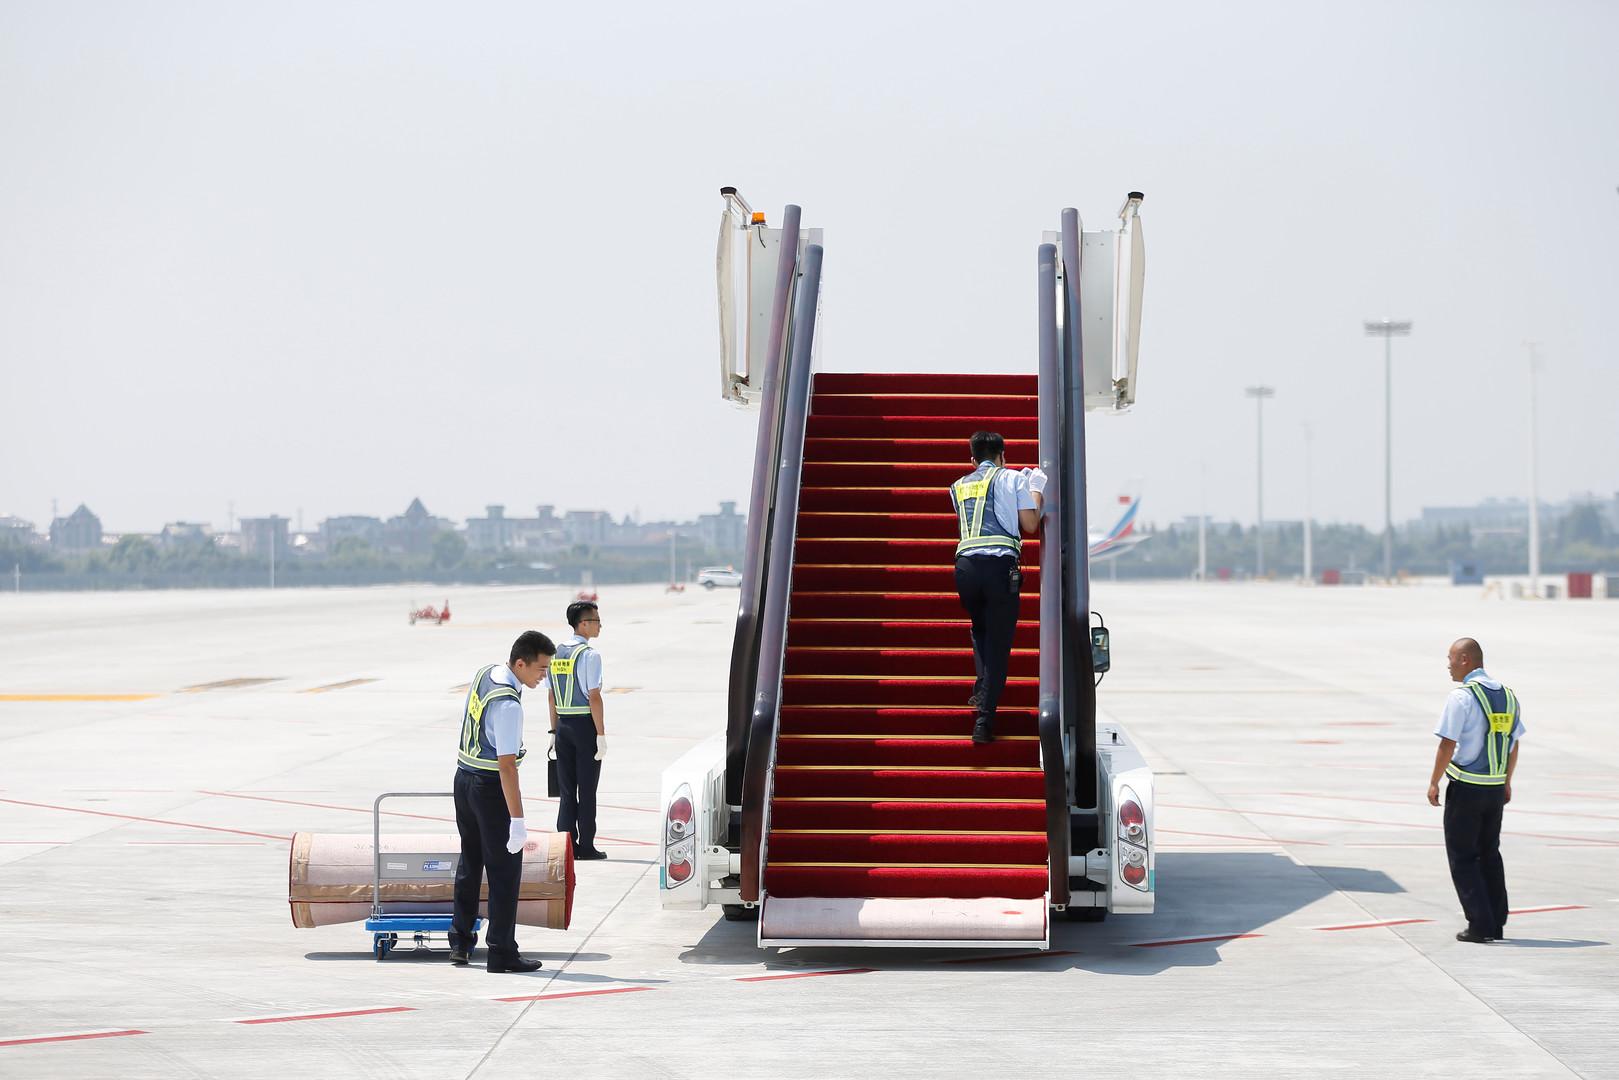 Sicherheitspersonal bereitet sich auf die Ankunft der G20-Teilnehmer an der Flugzeugtreppe im Flughafen Hangzhou Xiaoshan vor